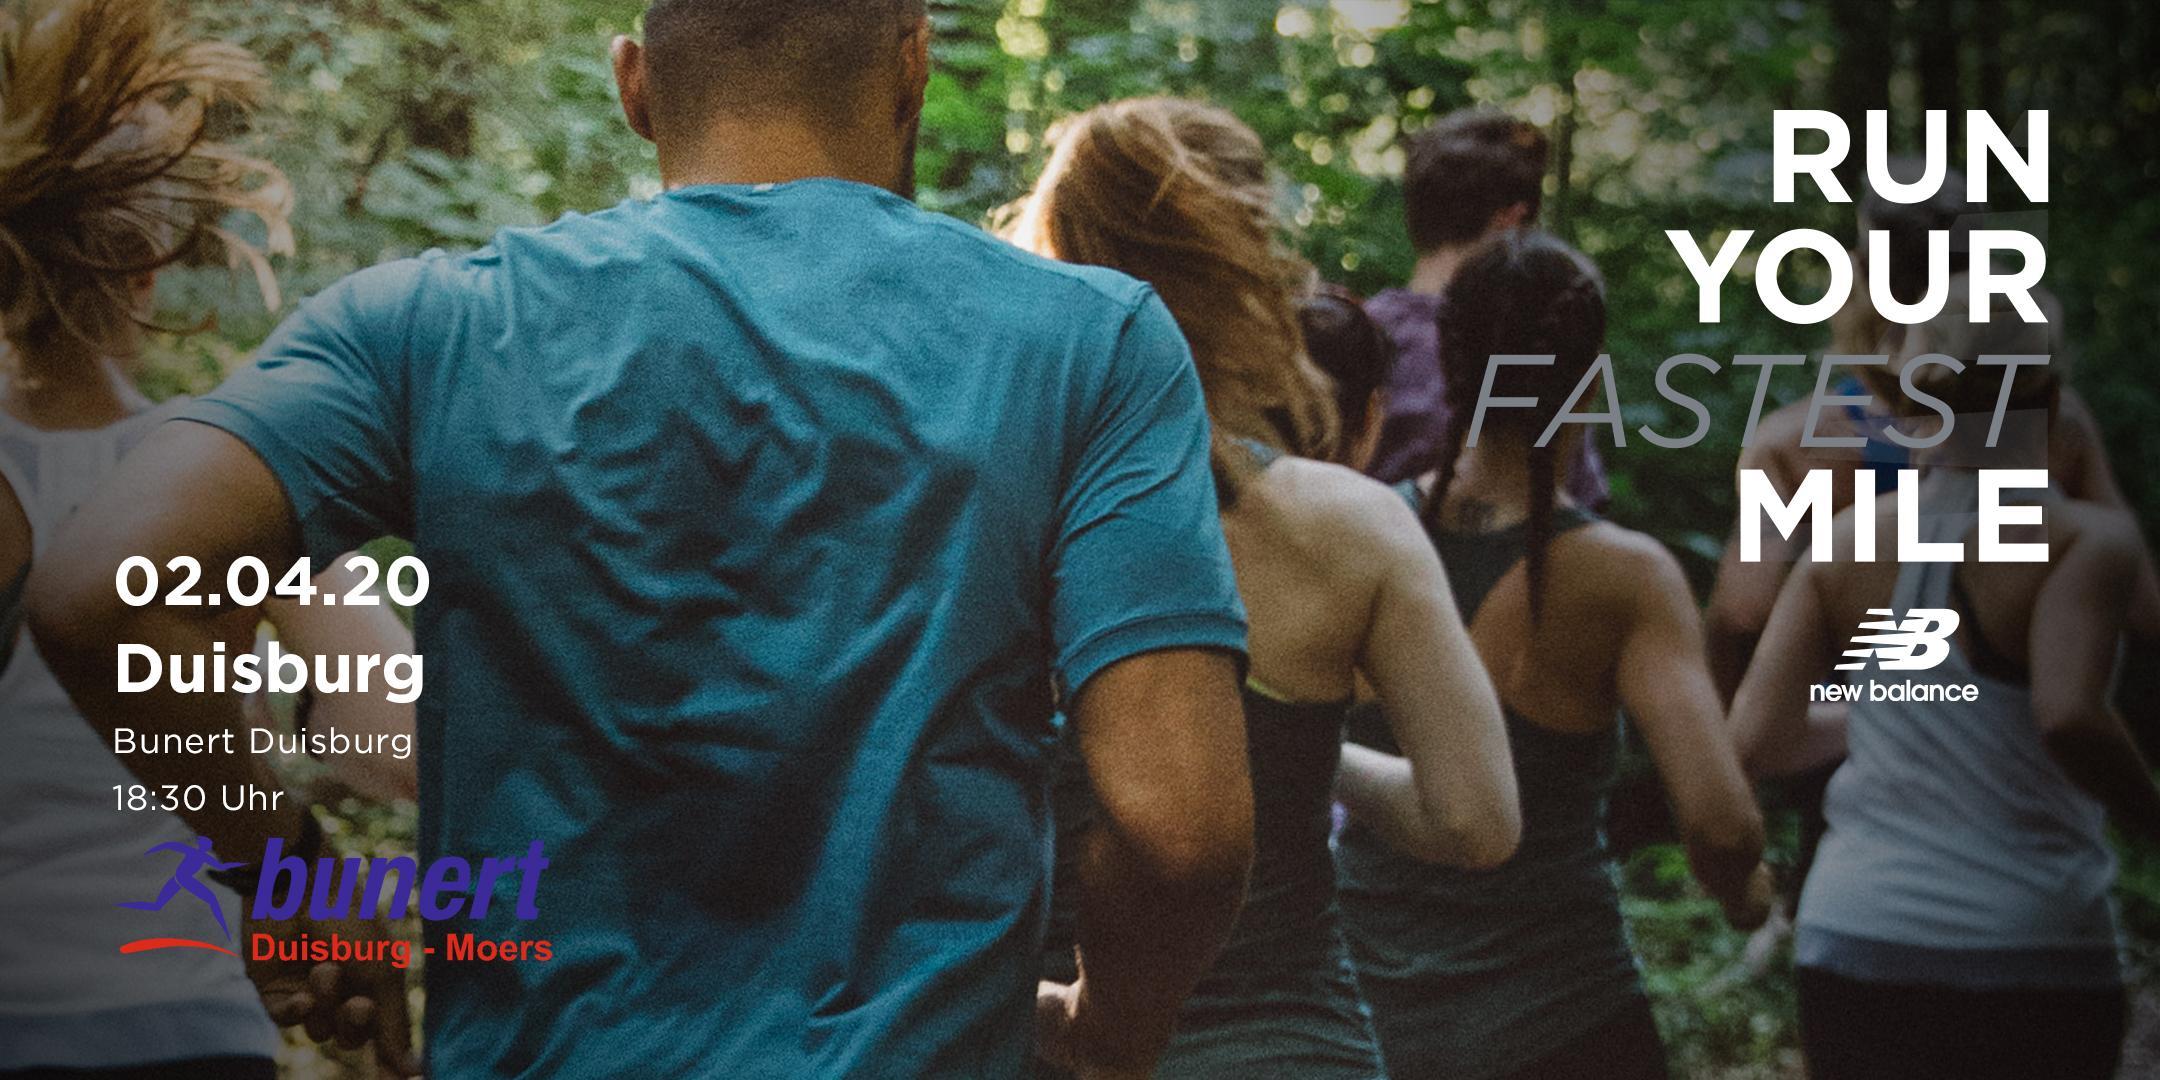 New Balance Run Your Fastest Mile-Event / Laufsport Bunert Duisburg